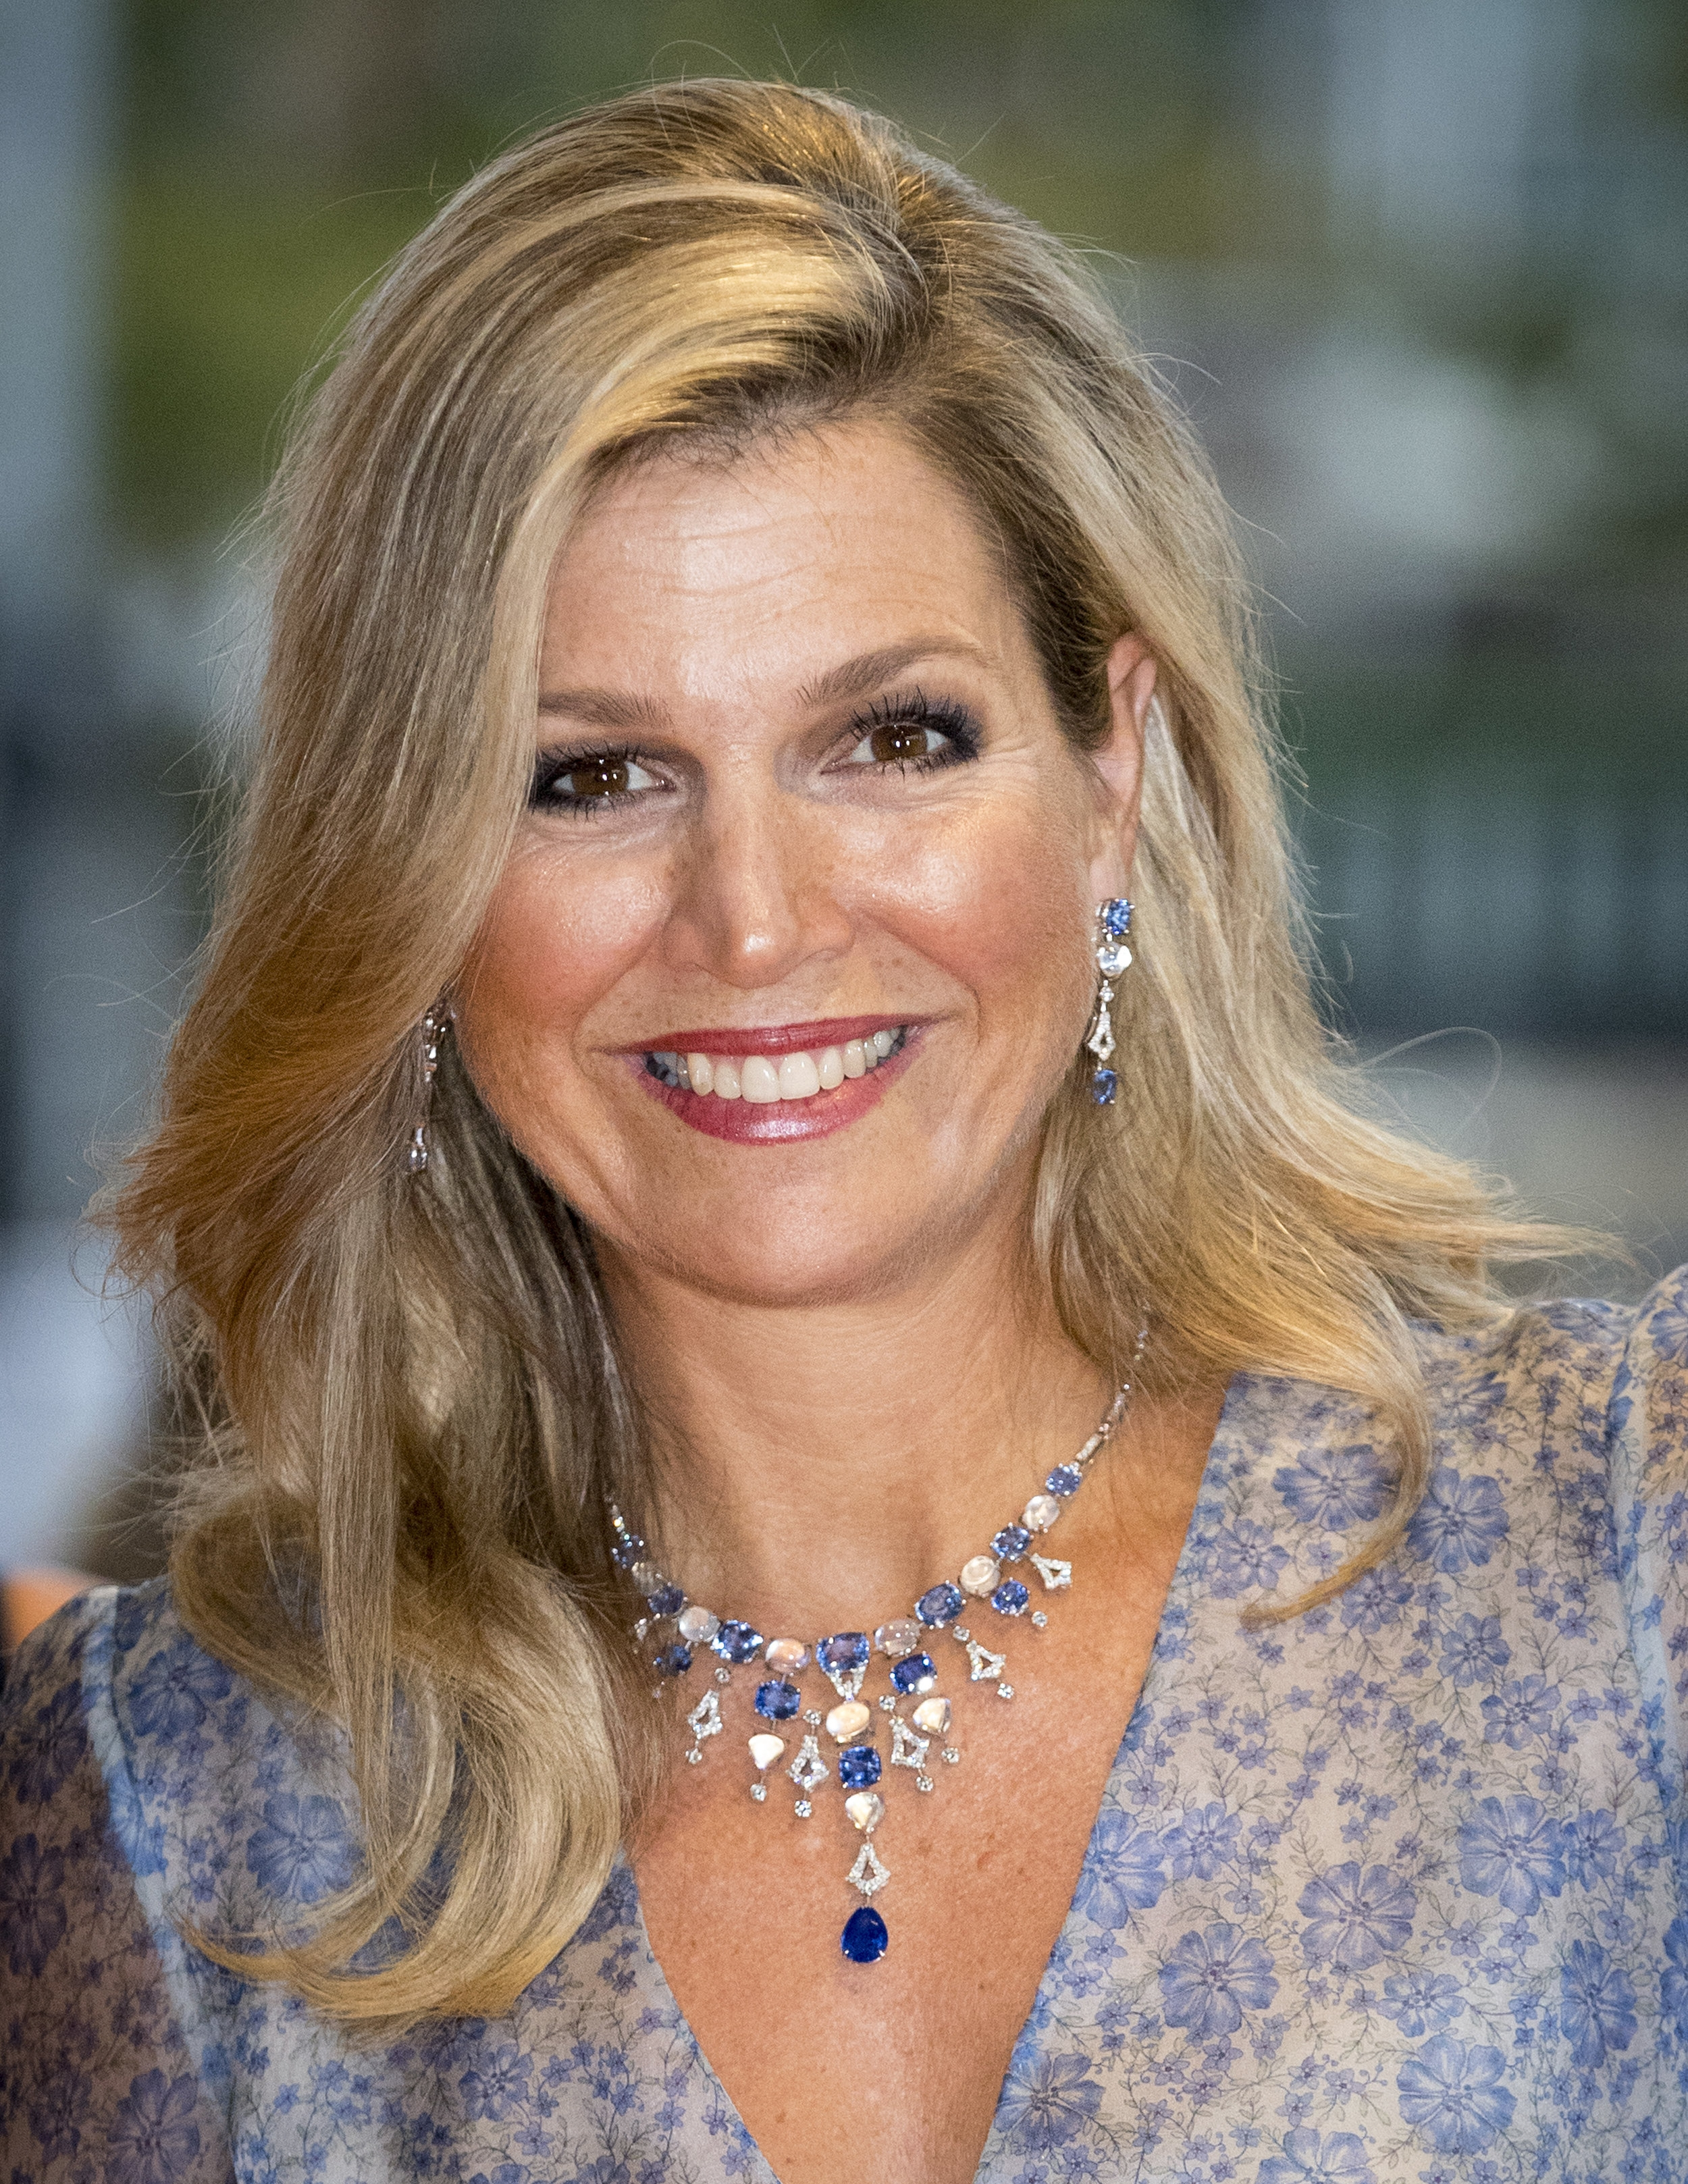 Königin Maxima ist studierte Wirtschaftswissenschaftlerin und arbeitete in New York bei verschiedenen Banken.  ©Getty Images